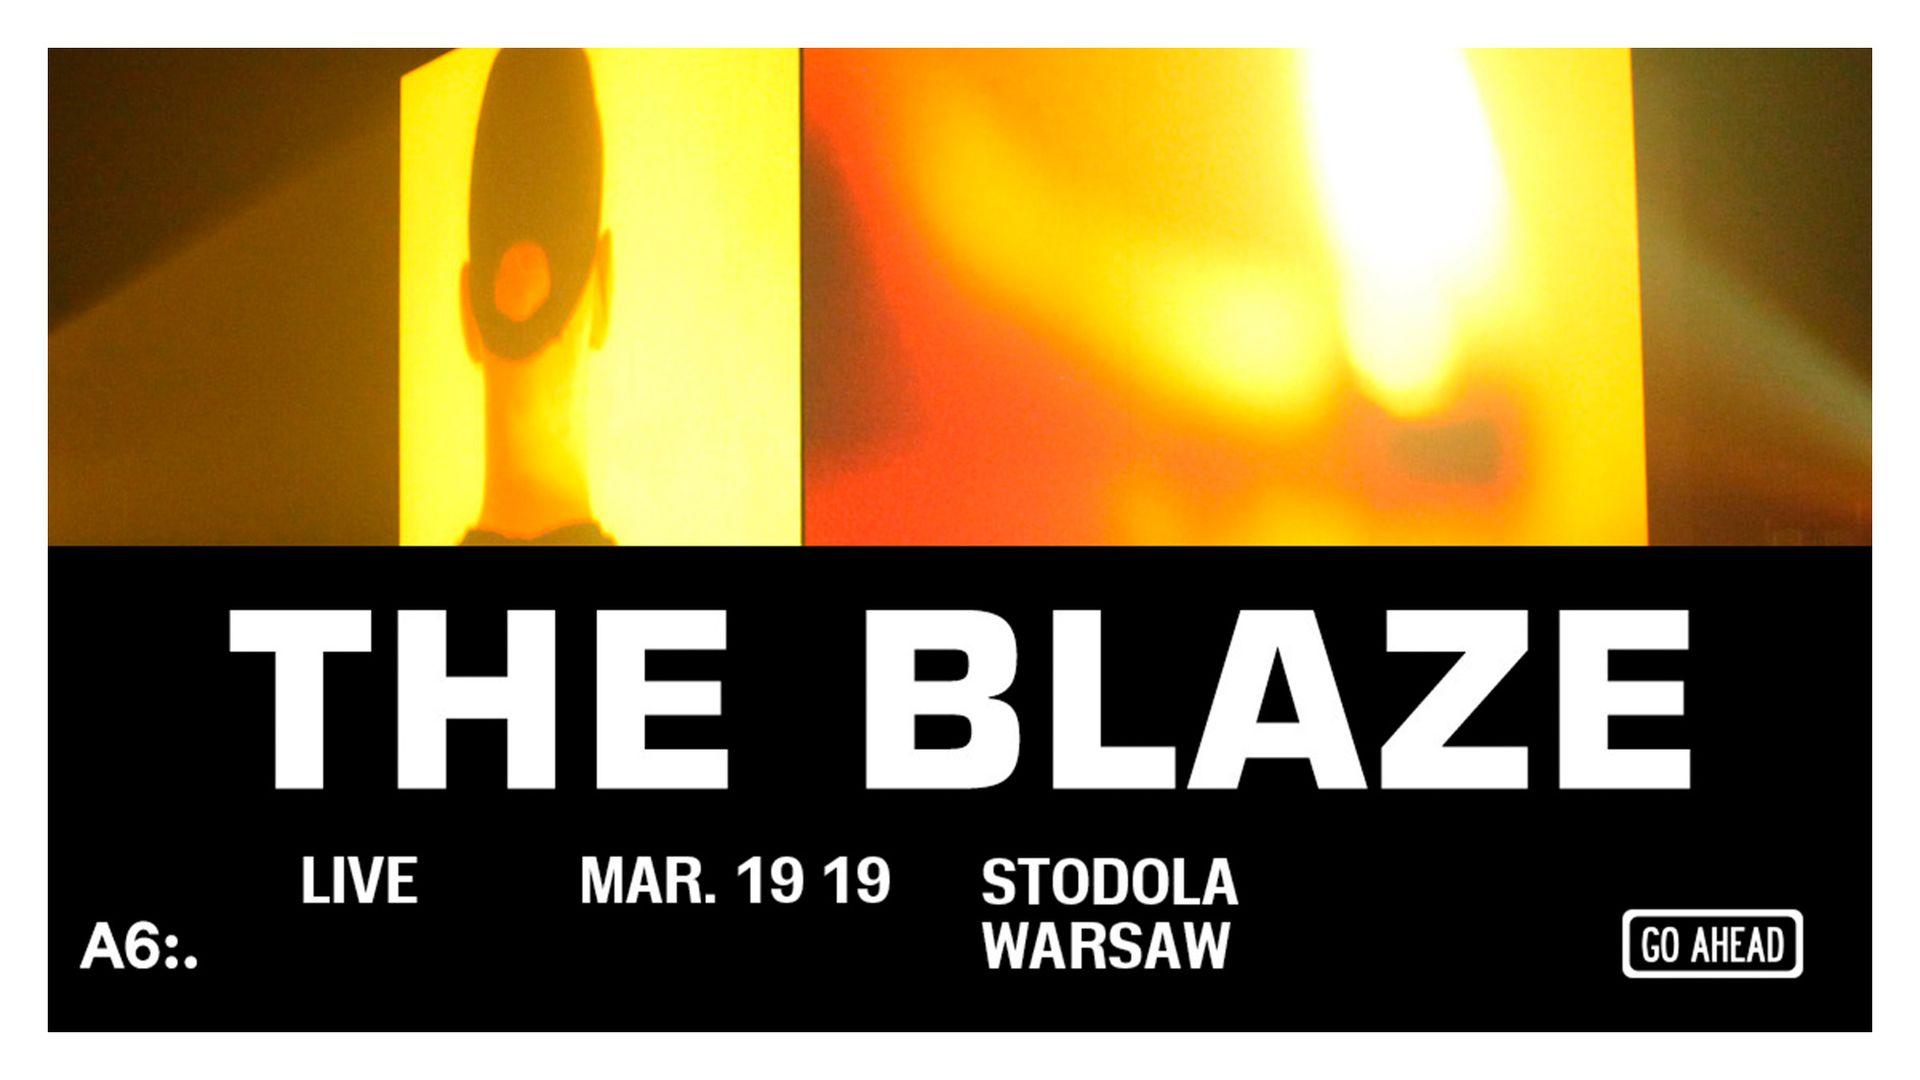 Bilety kolekcjonerskie - The Blaze